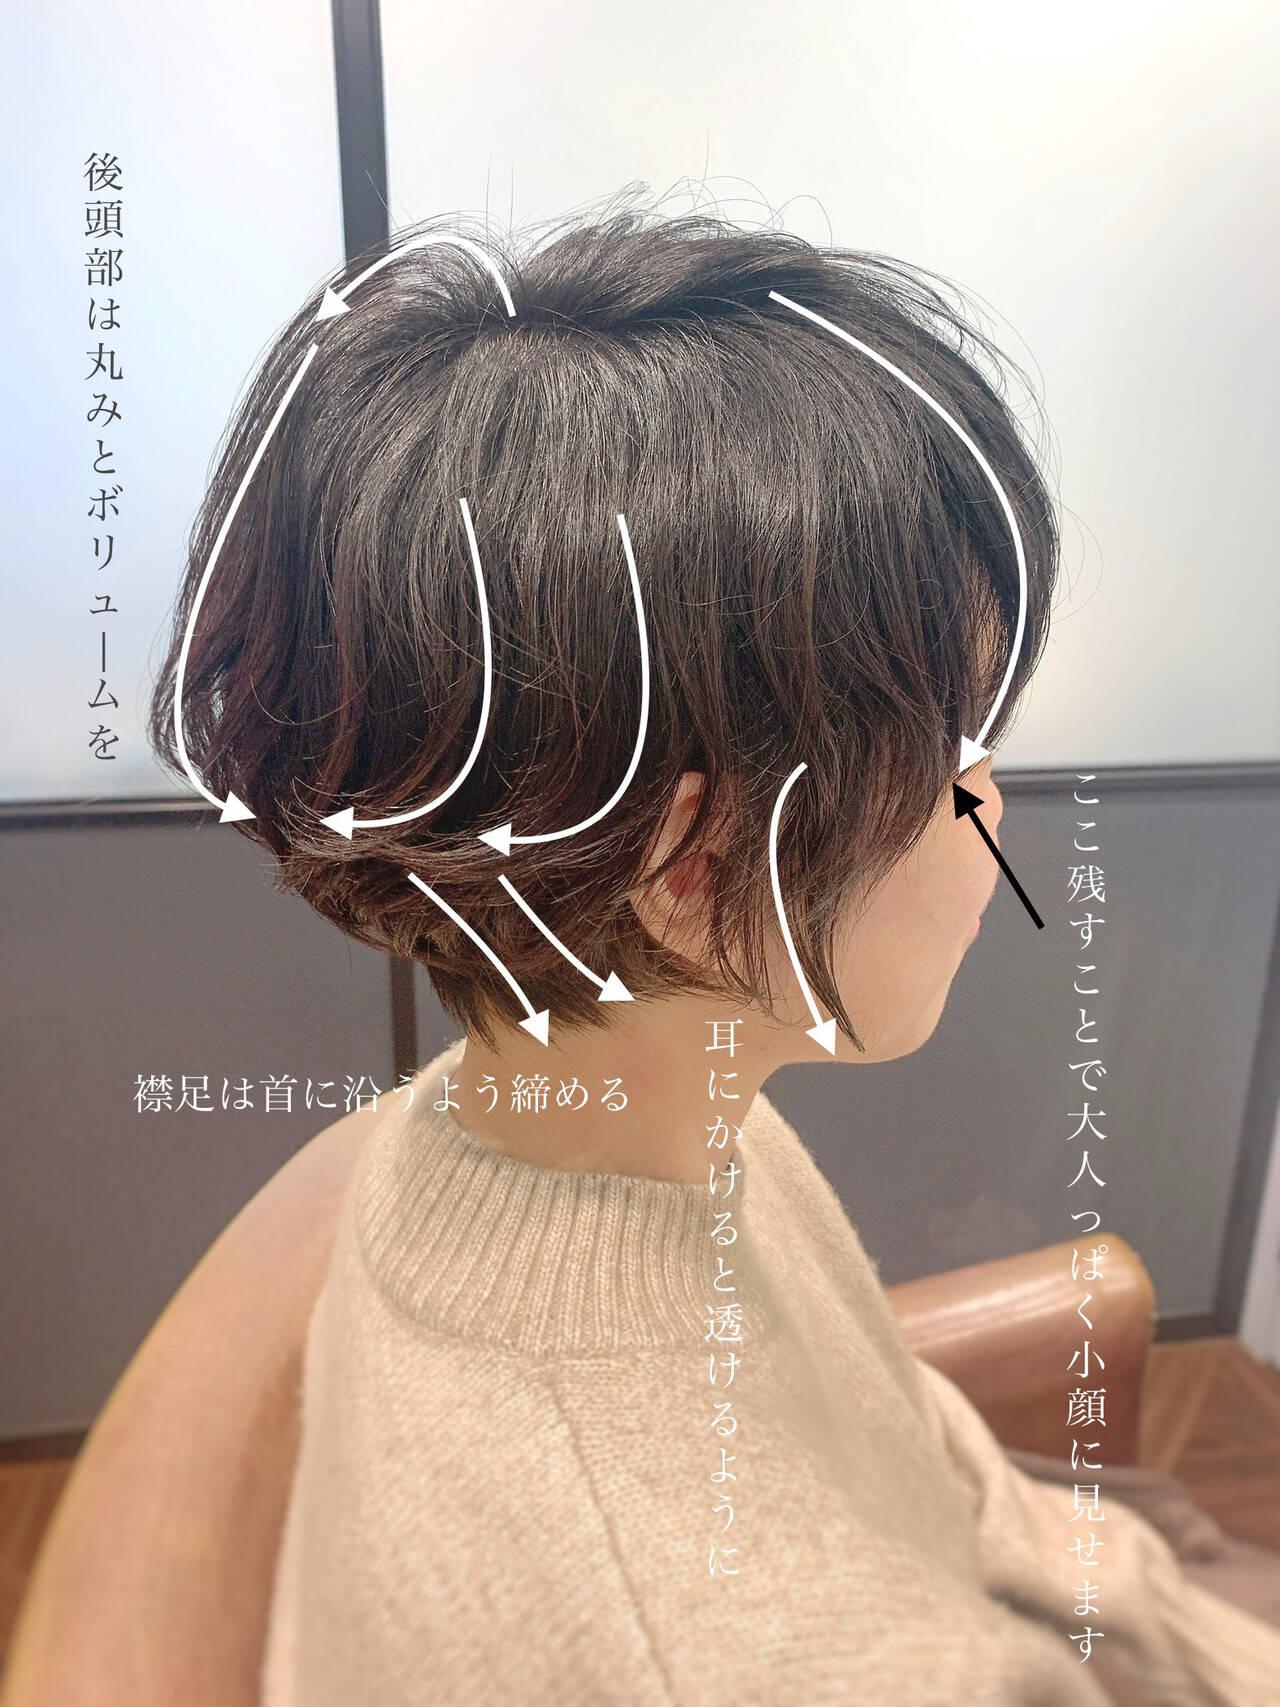 ナチュラル ショートパーマ ゆるふわパーマ ショートヘアヘアスタイルや髪型の写真・画像